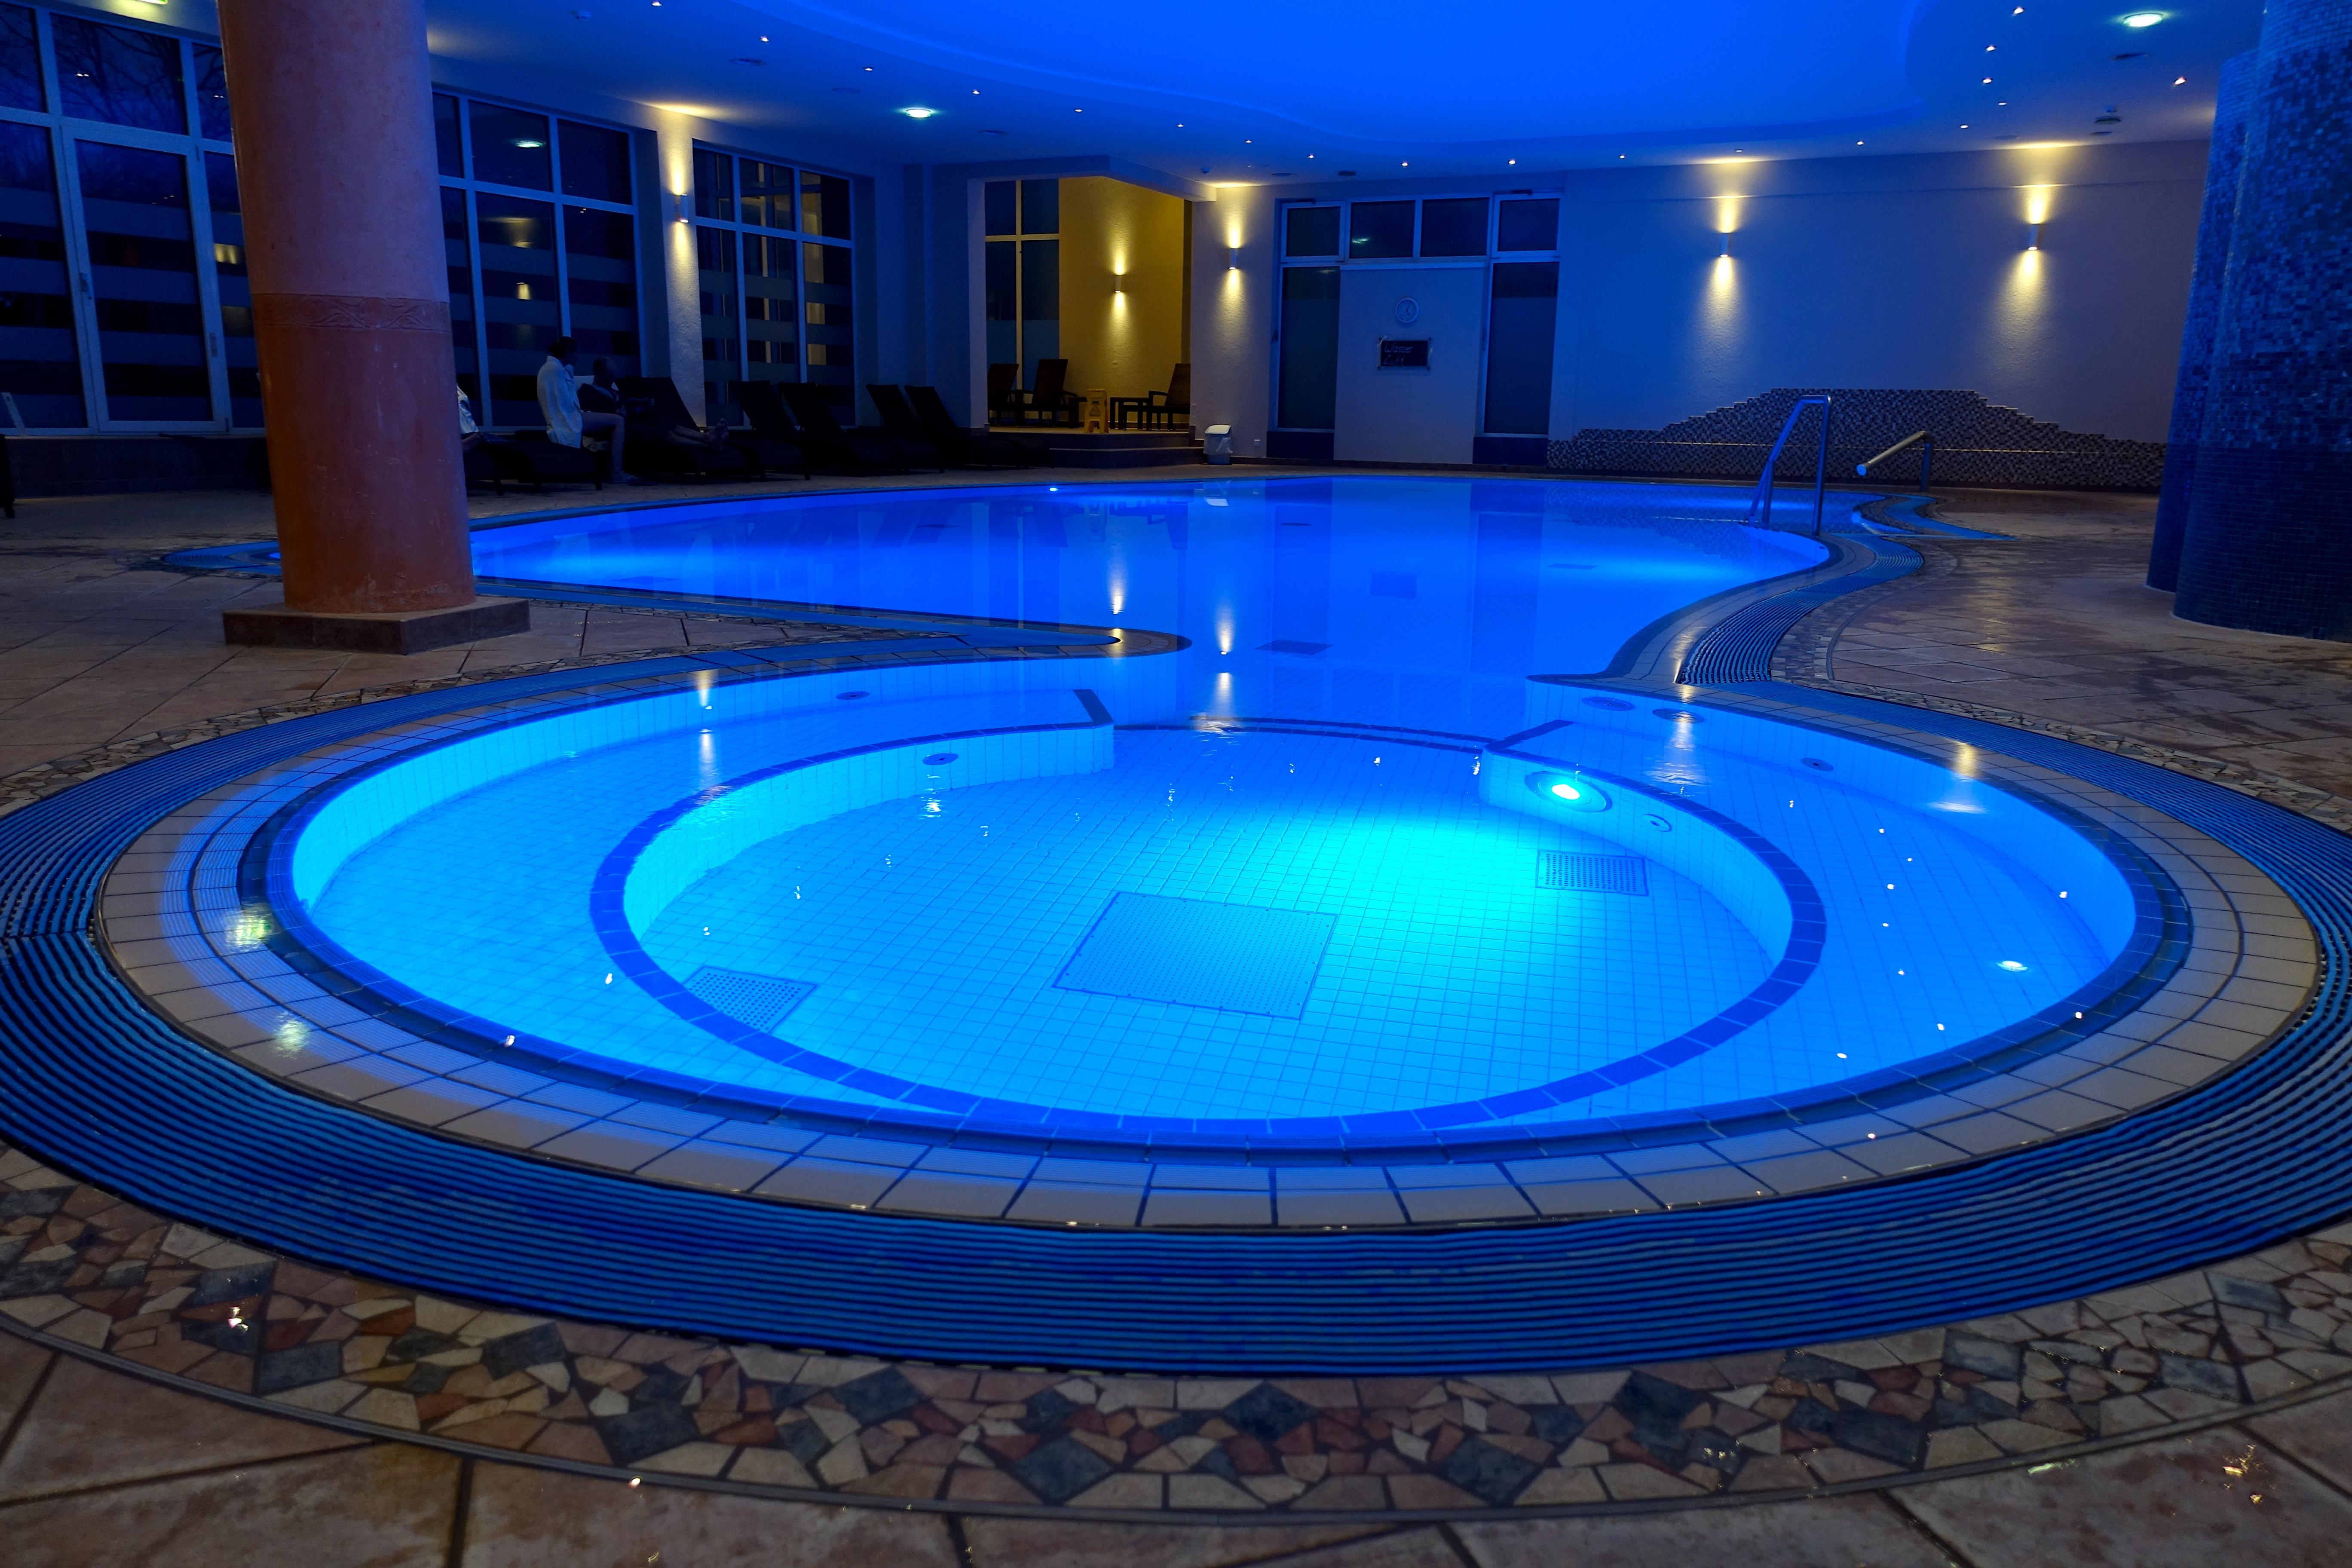 steigenberger-hotel-hamburg-pool-lustforthesublime